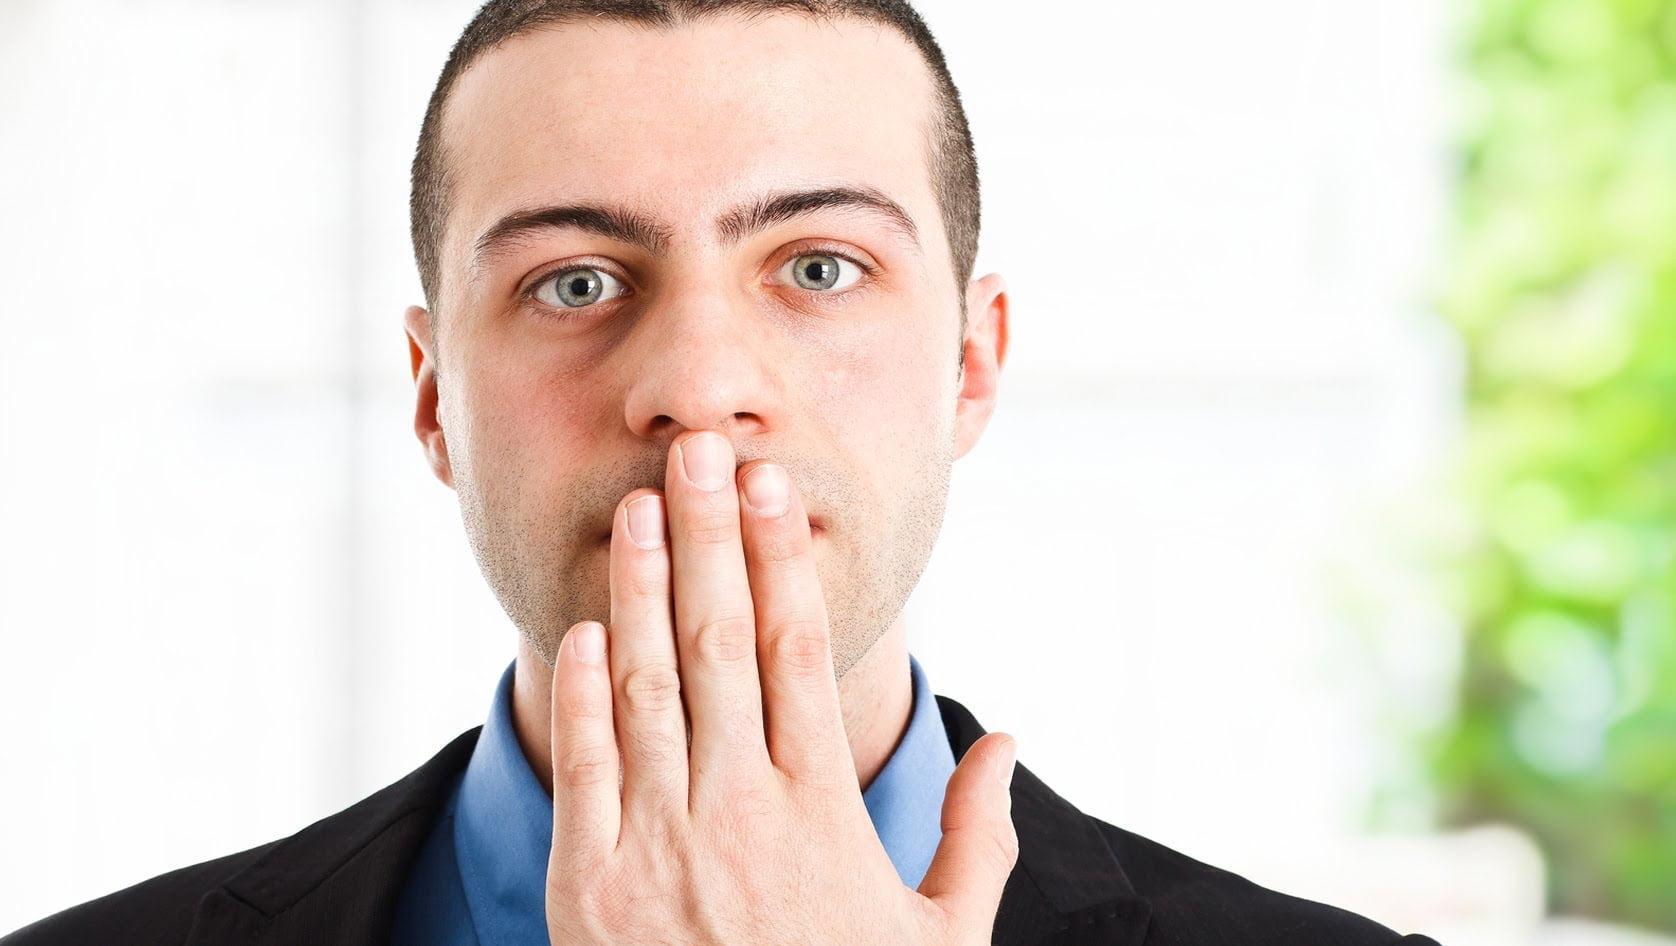 Đắng miệng là biểu hiện của bệnh gì?